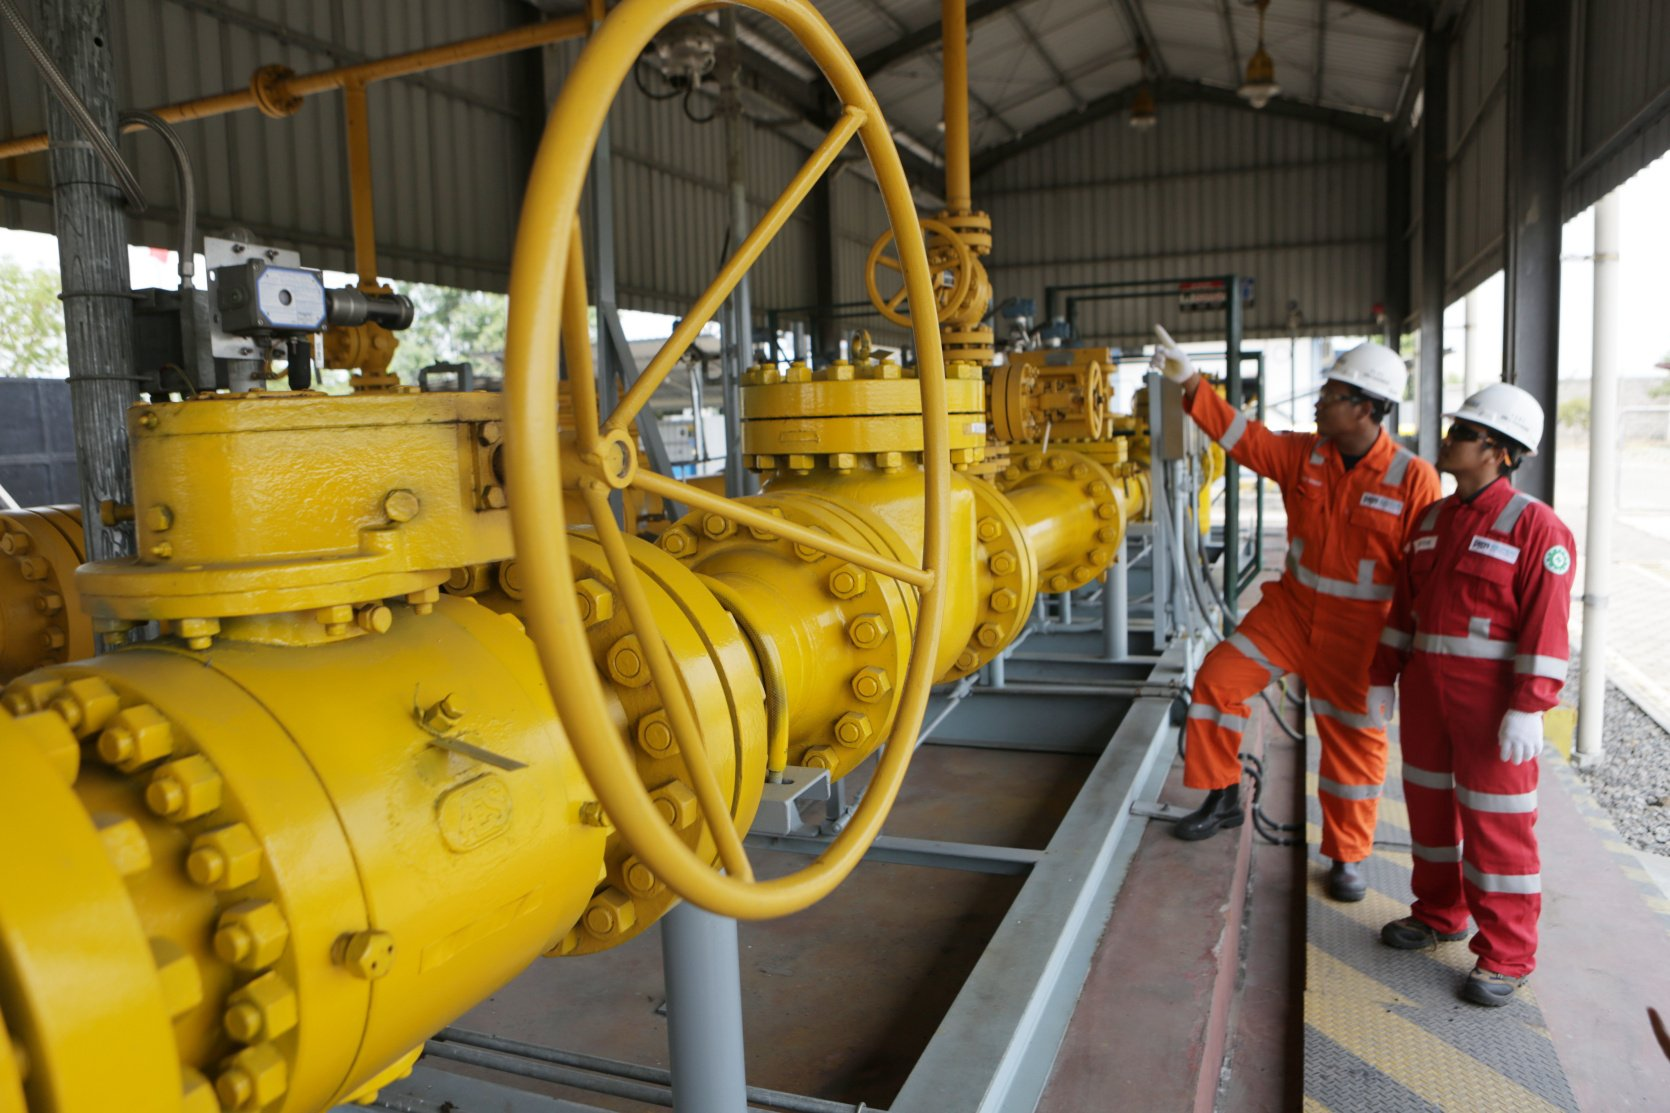 Ilustrasi pekerja memantau jaringan gas (jargas) di Offtake Kalisogo, Jawa Timur (1 7/10/2019). PGN telah mendistribusikan gas Bumi ke 352.433 pelanggan yang terdiri dari rumah tangga, pelanggan kecil, komersial, industri dan pembangkitan listrik sebesar 932 BBTUD. Rinciannya, sektor rumah tangga 348.508 pelanggan, lalu pelanggan kecil sebanyak 1.487 dan industri besar serta komersial sebanyak 2.438 pelanggan.